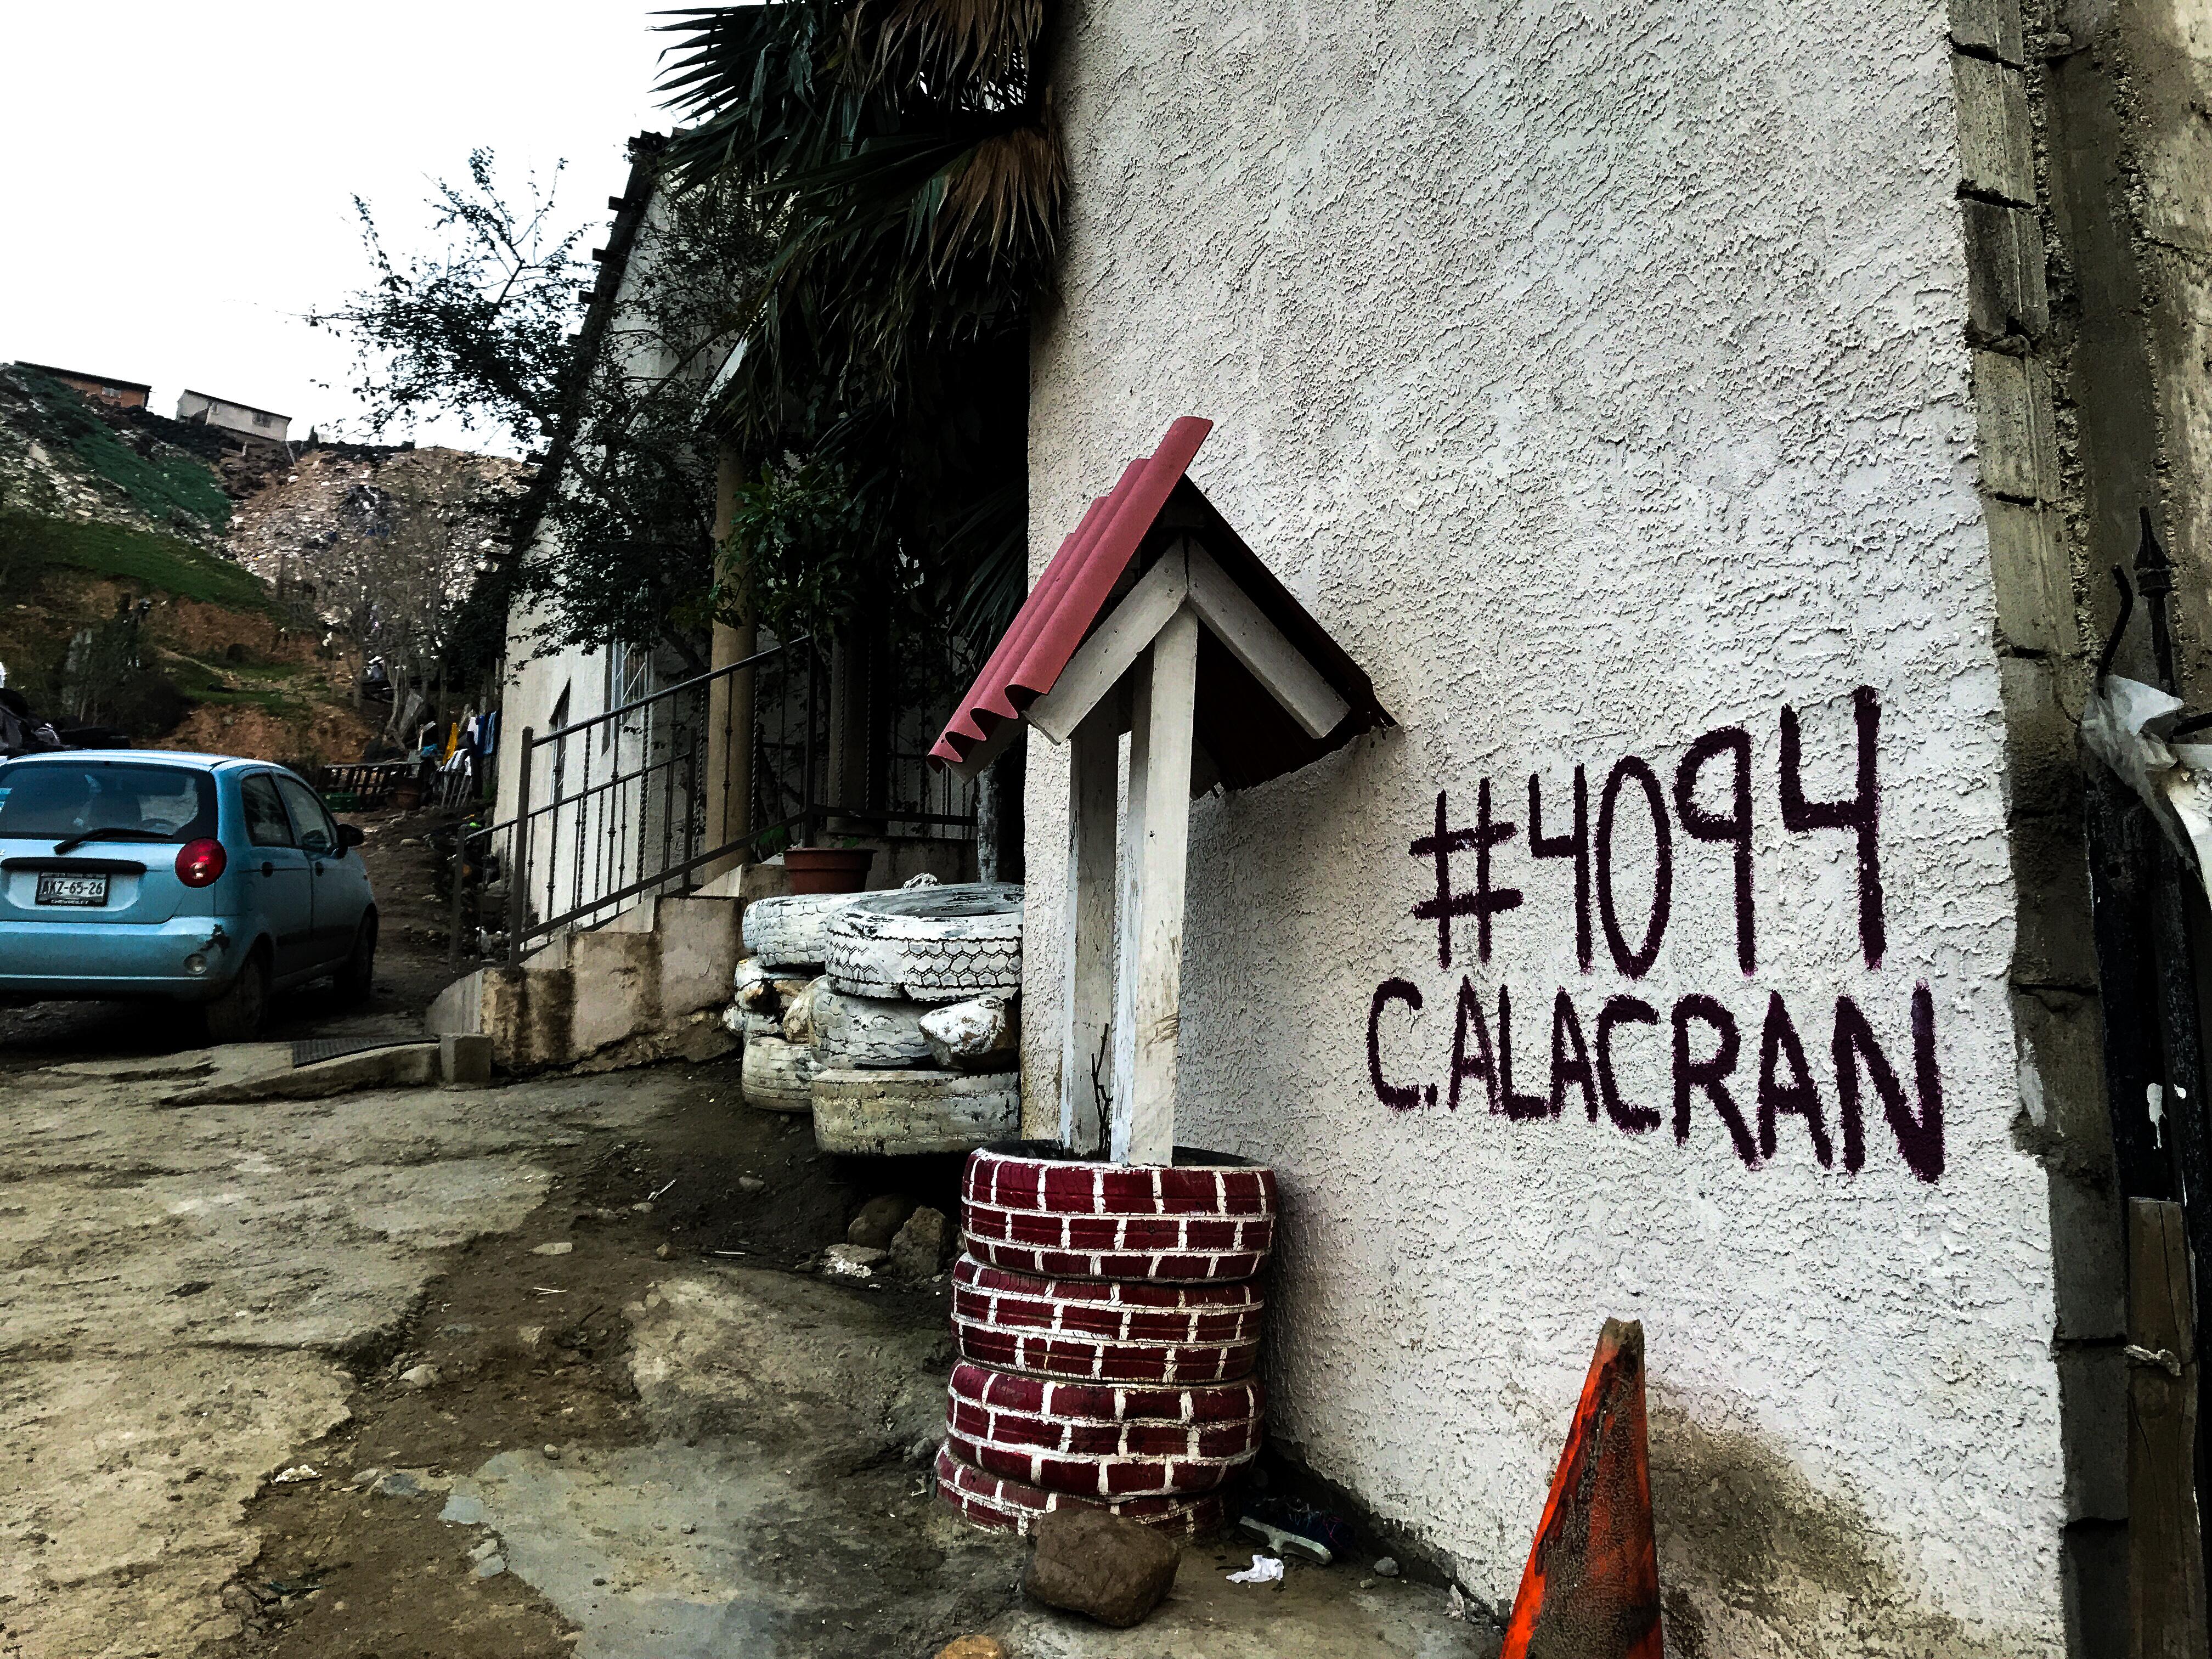 Desde el 2016, ésta es la dirección a donde llegan muchos migrantes en busca de ayuda. Fotografía por Flor Cervantes.